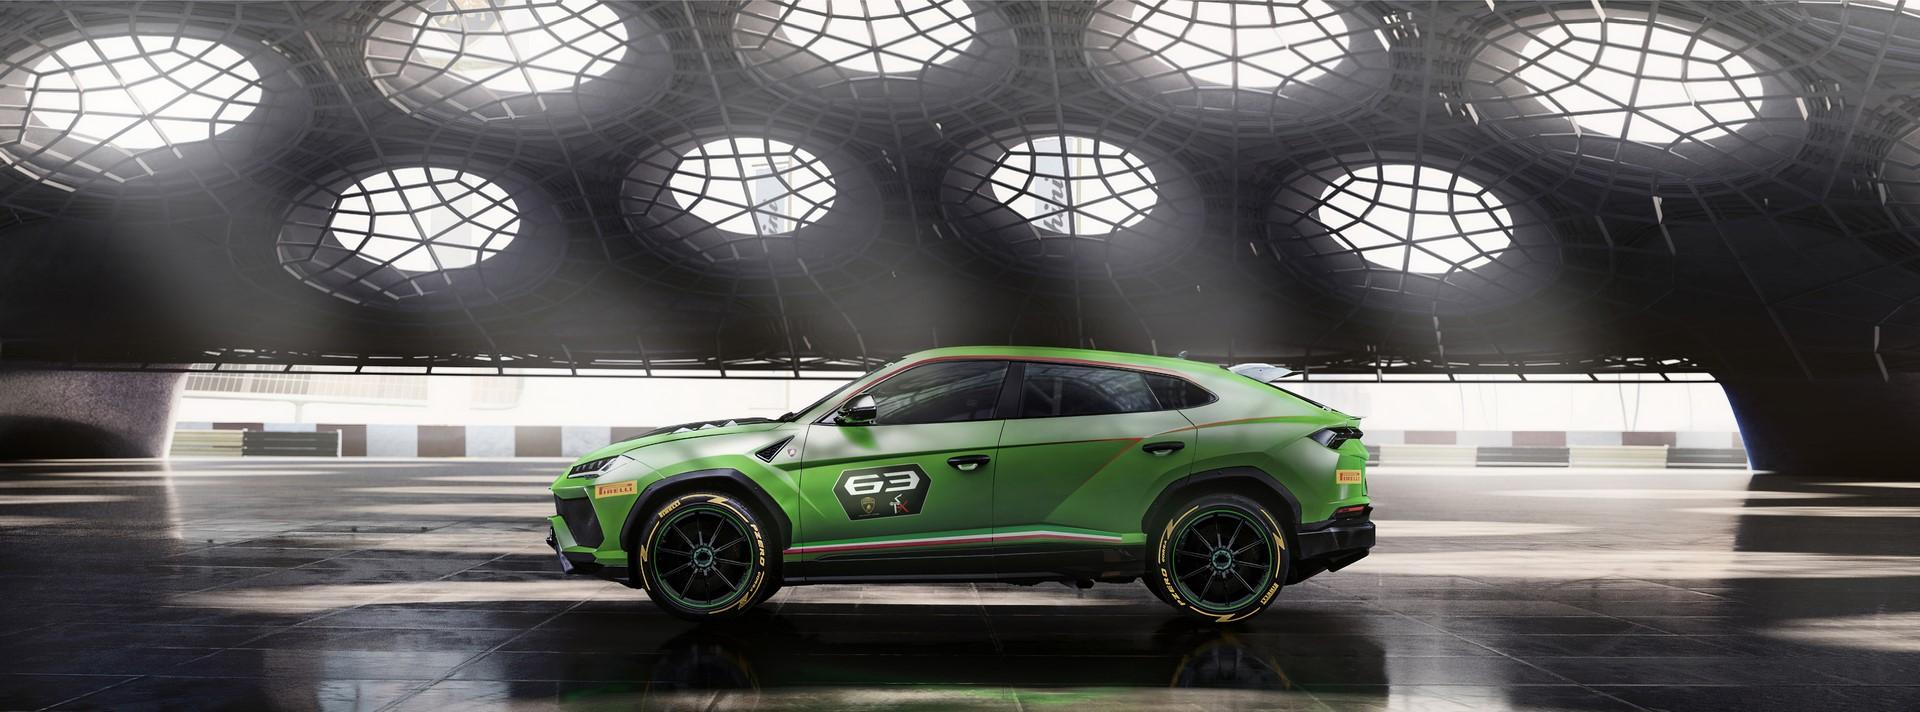 Lamborghini Urus ST-X Concept (5)